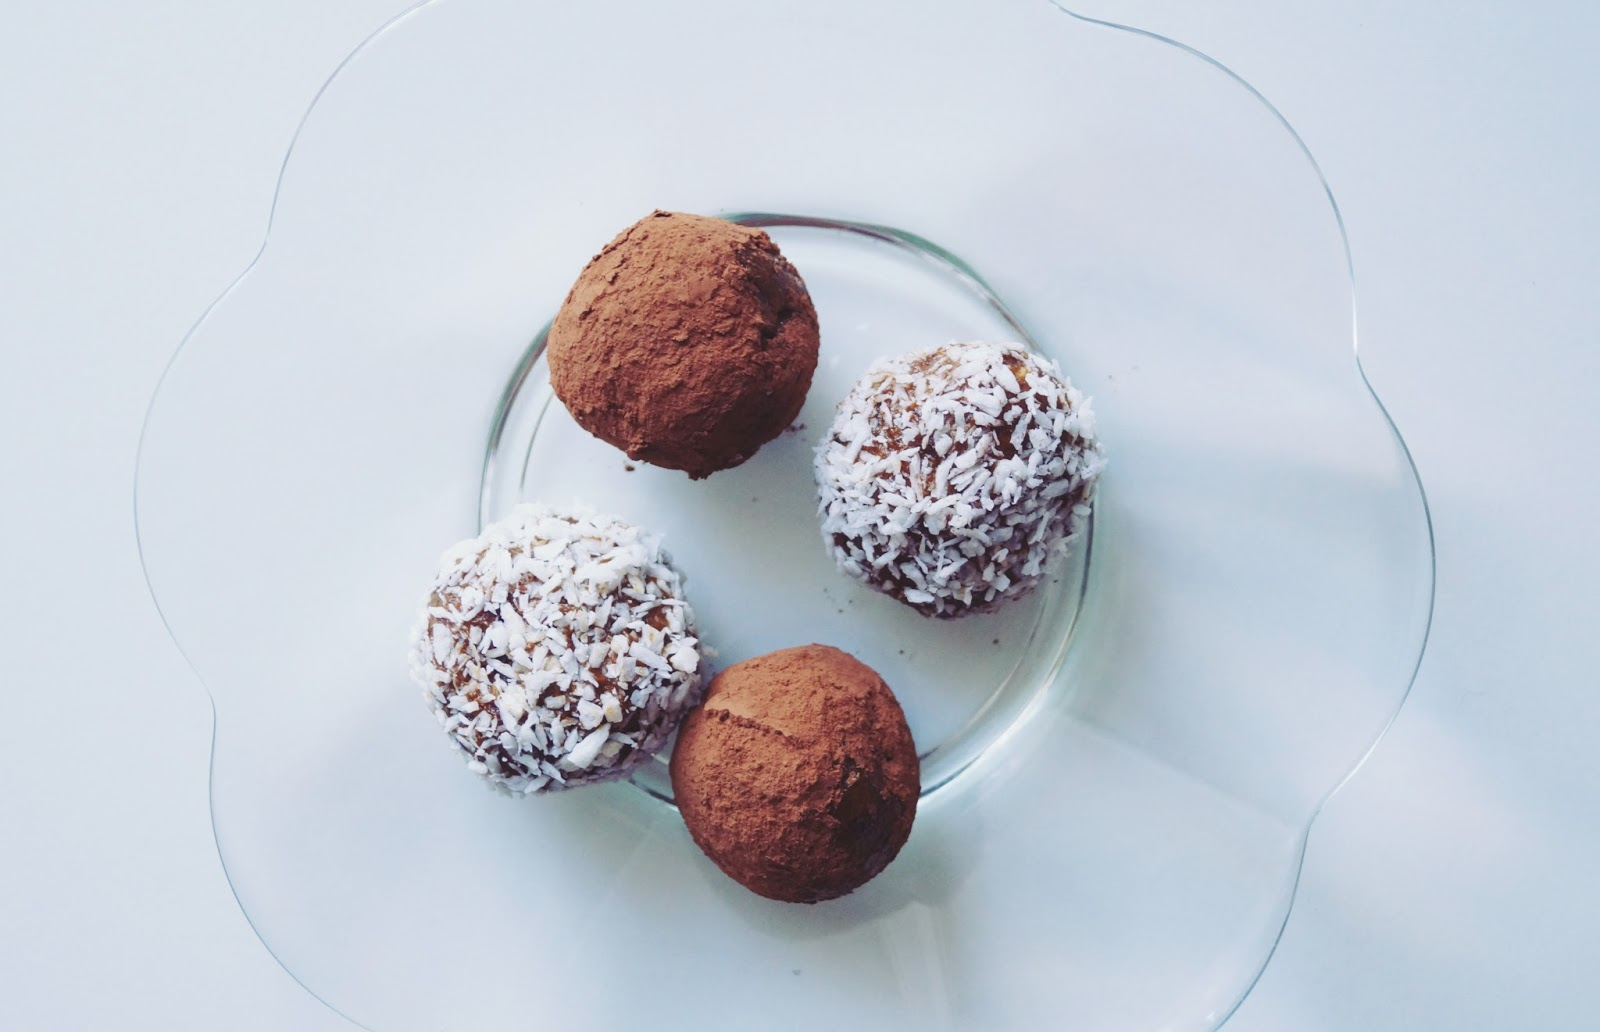 Morelowo - daktylowe kulki mocy - zdrowa alternatywa słodyczy z produktami sklepagnex.pl